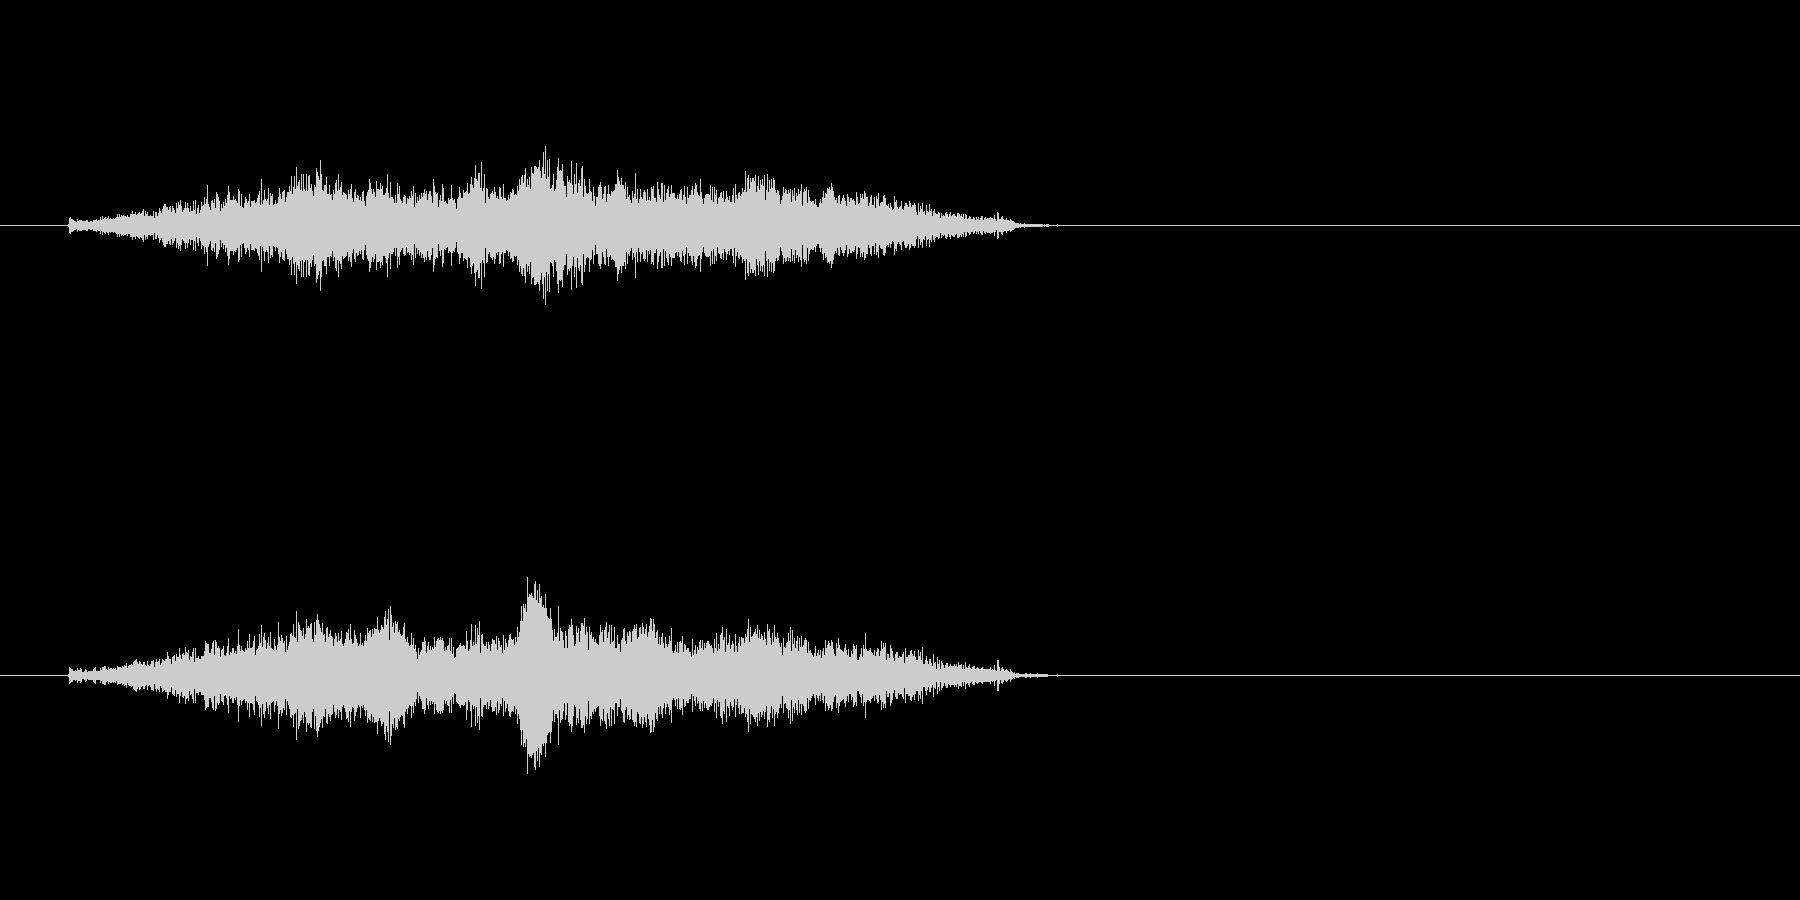 生音 三味線 コスリ ダウンの未再生の波形